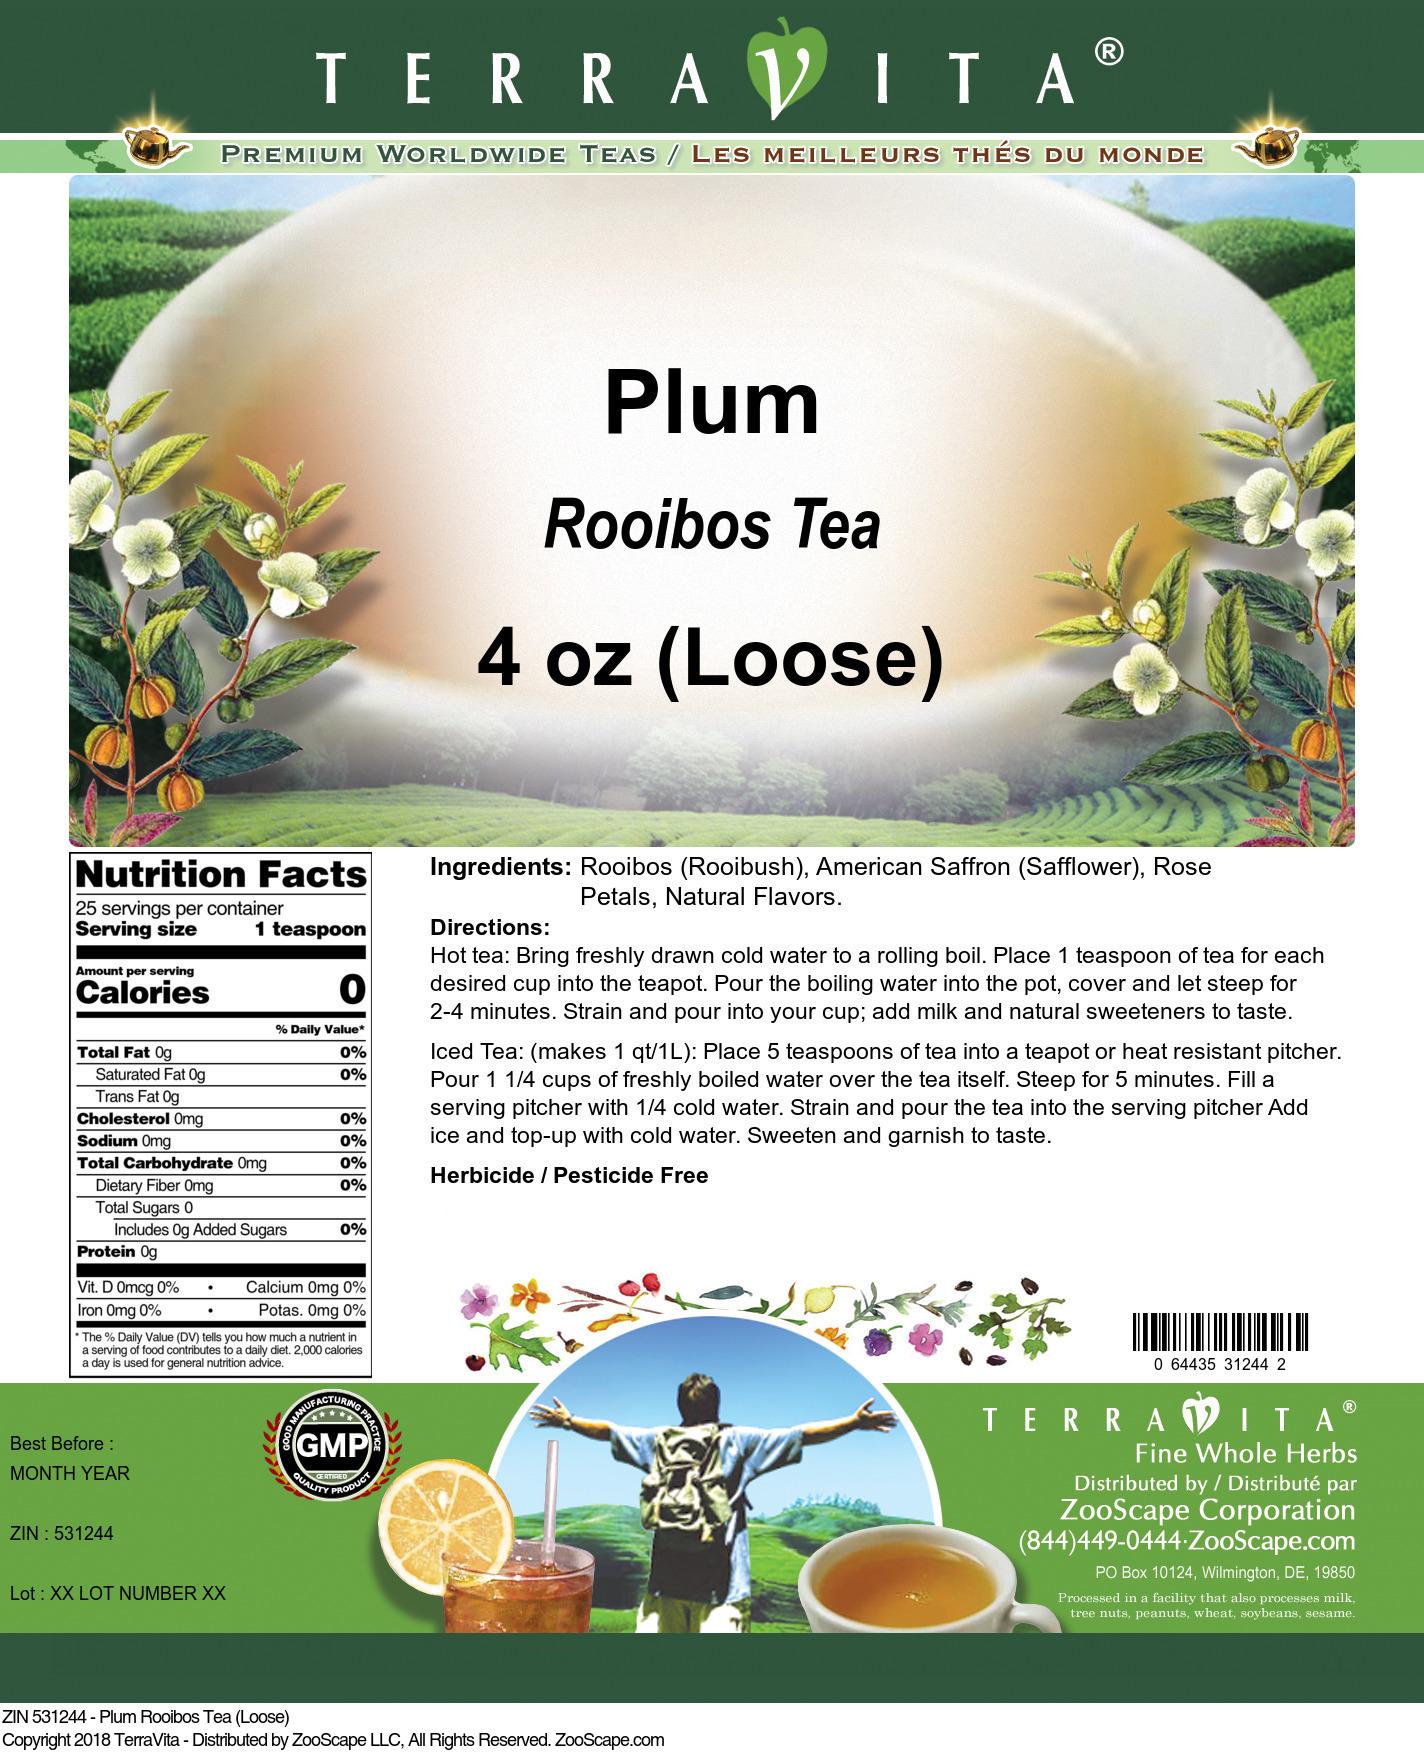 Plum Rooibos Tea (Loose)